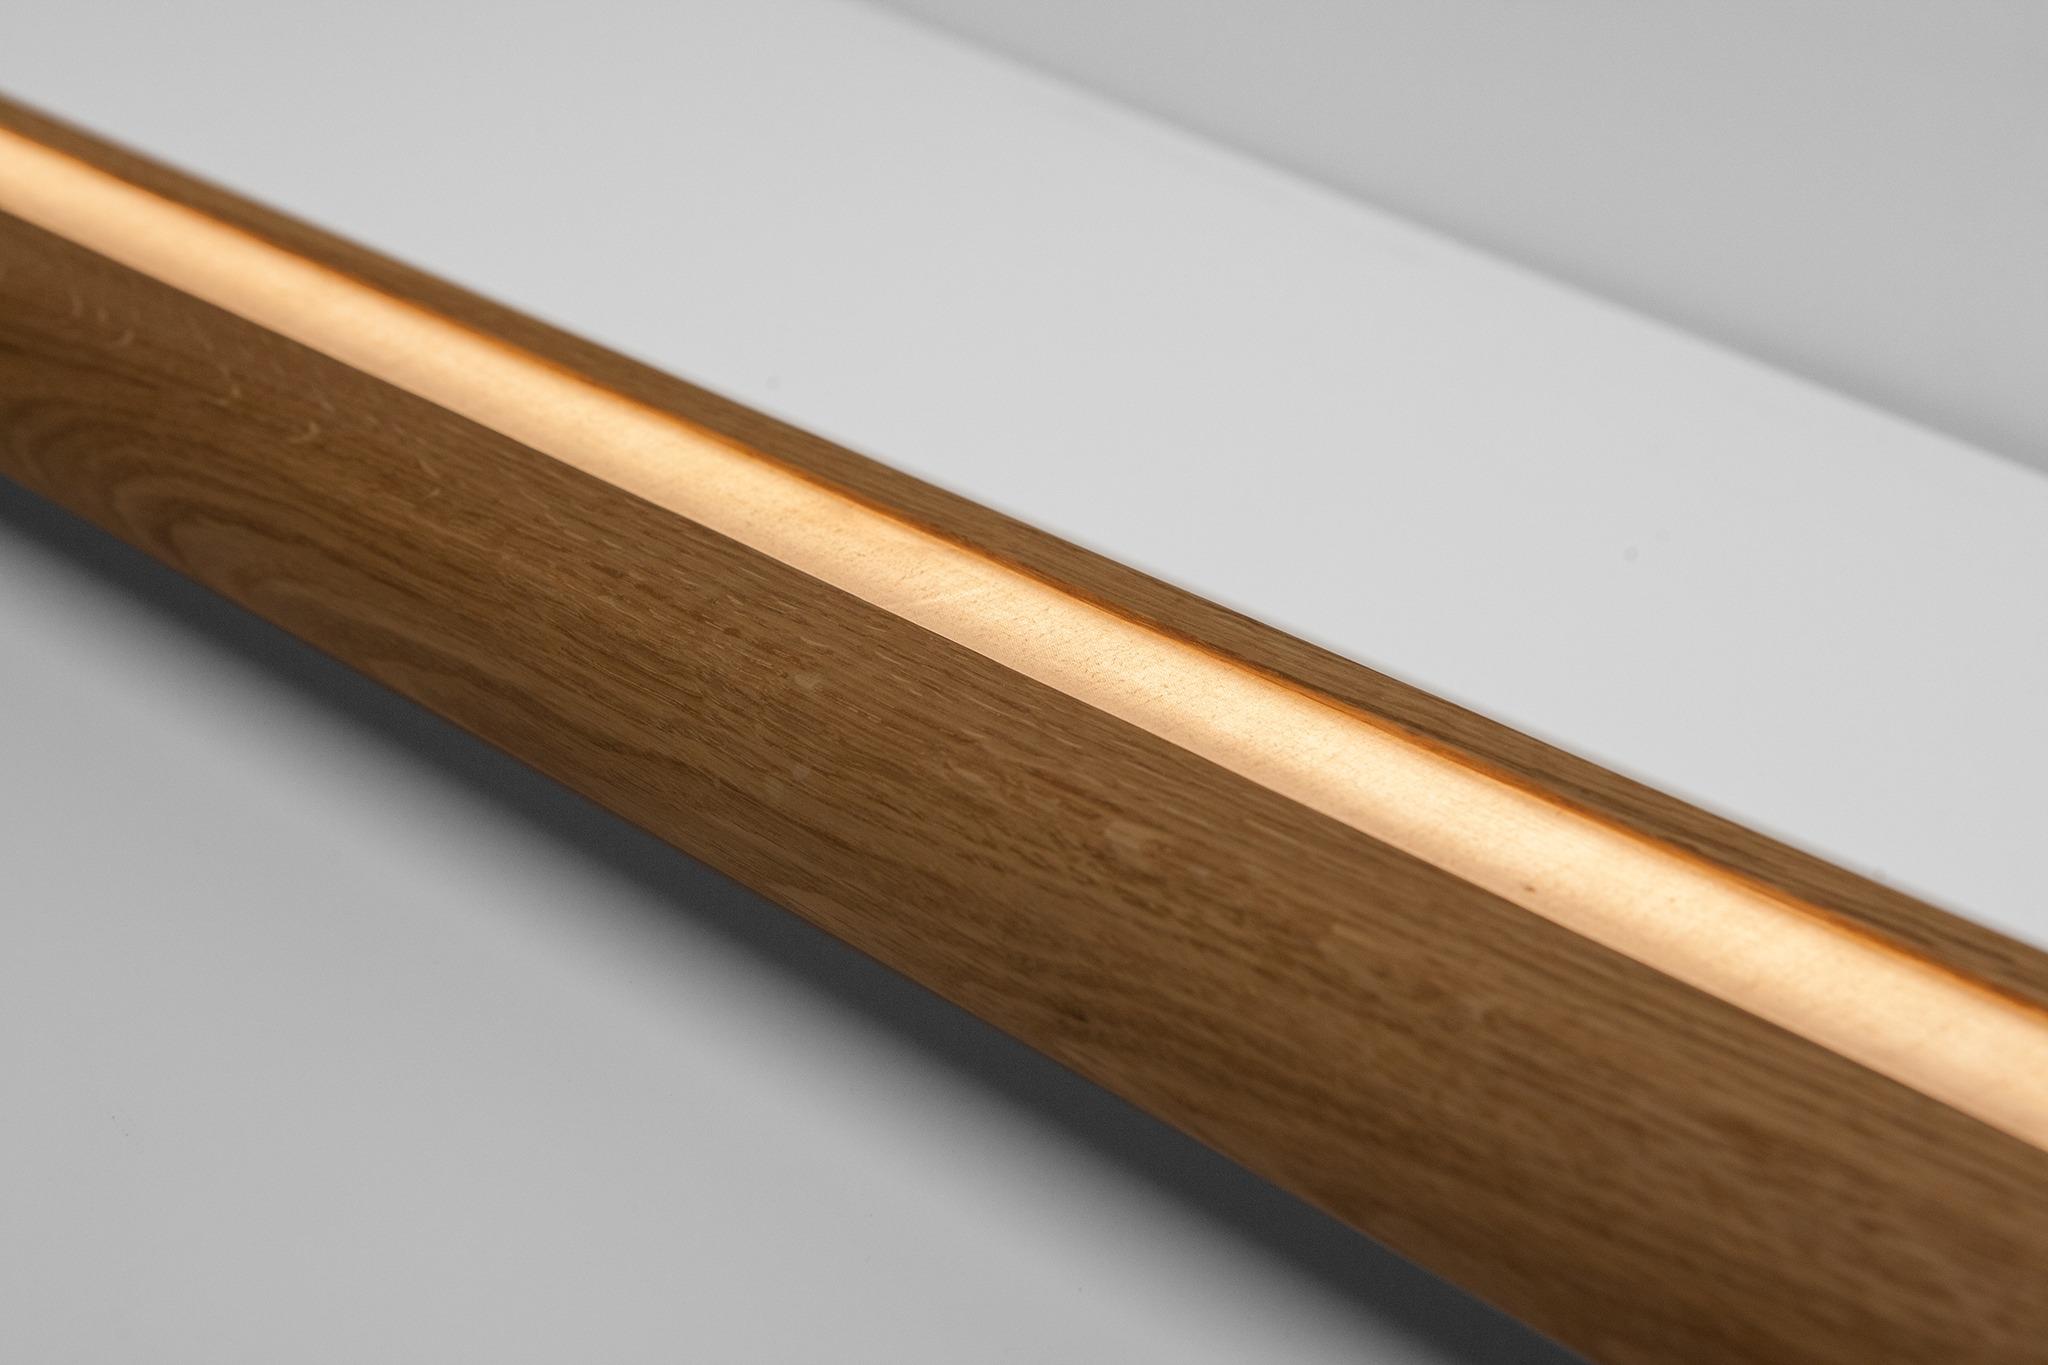 Design-Built Custom Light Fixture